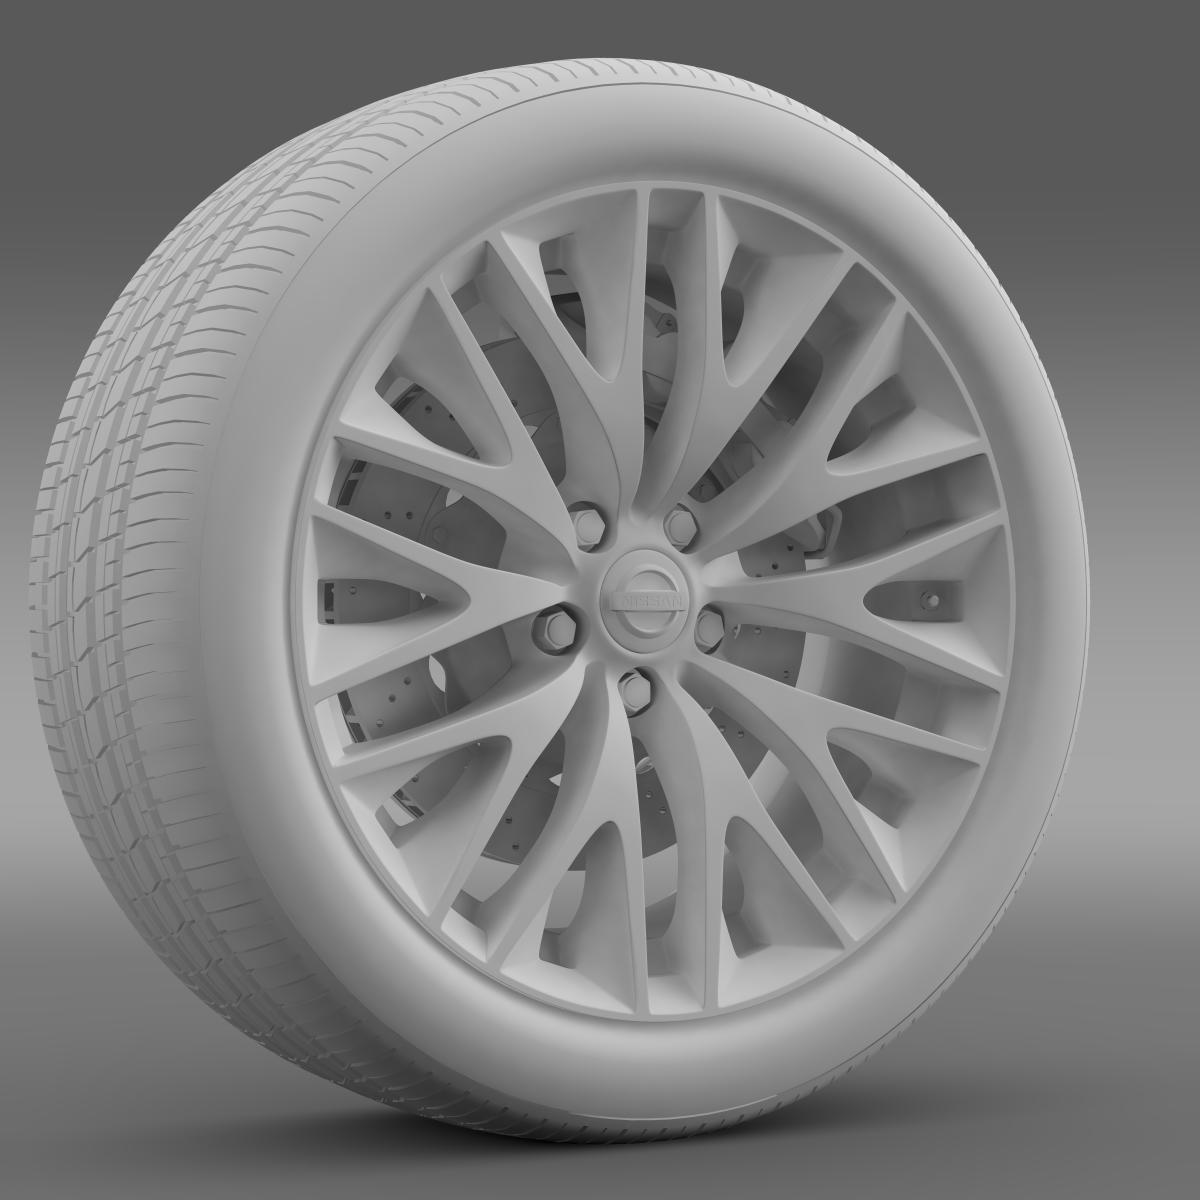 nissan cima hybrid wheel 3d model 3ds max fbx c4d lwo ma mb hrc xsi obj 210821